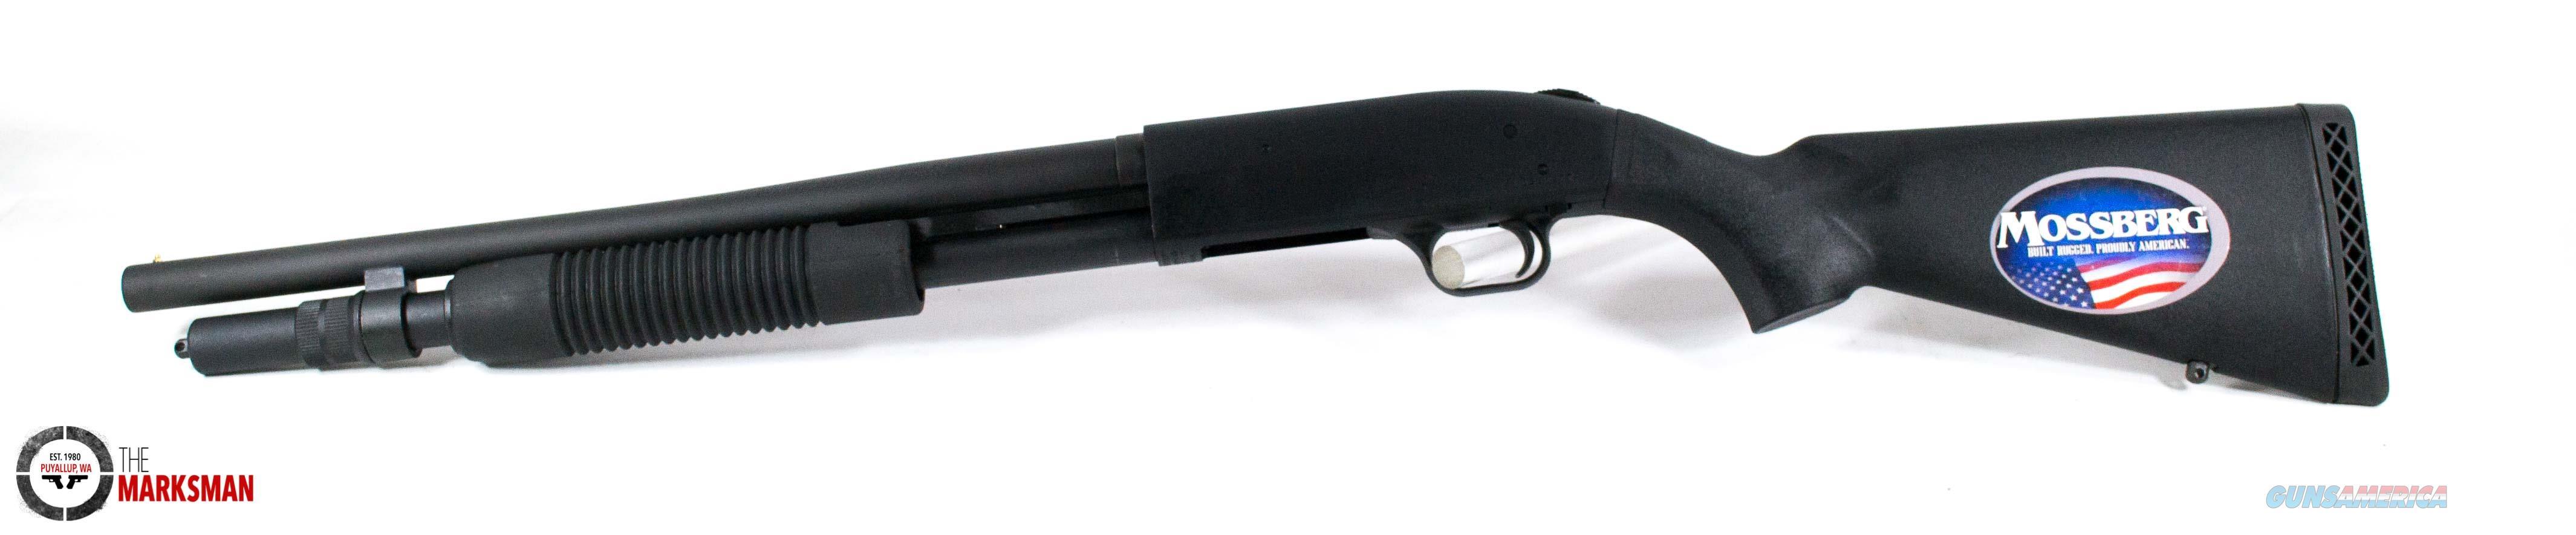 Mossberg 590 12 Gauge NEW 7 Shot 50778  Guns > Shotguns > Mossberg Shotguns > Pump > Tactical